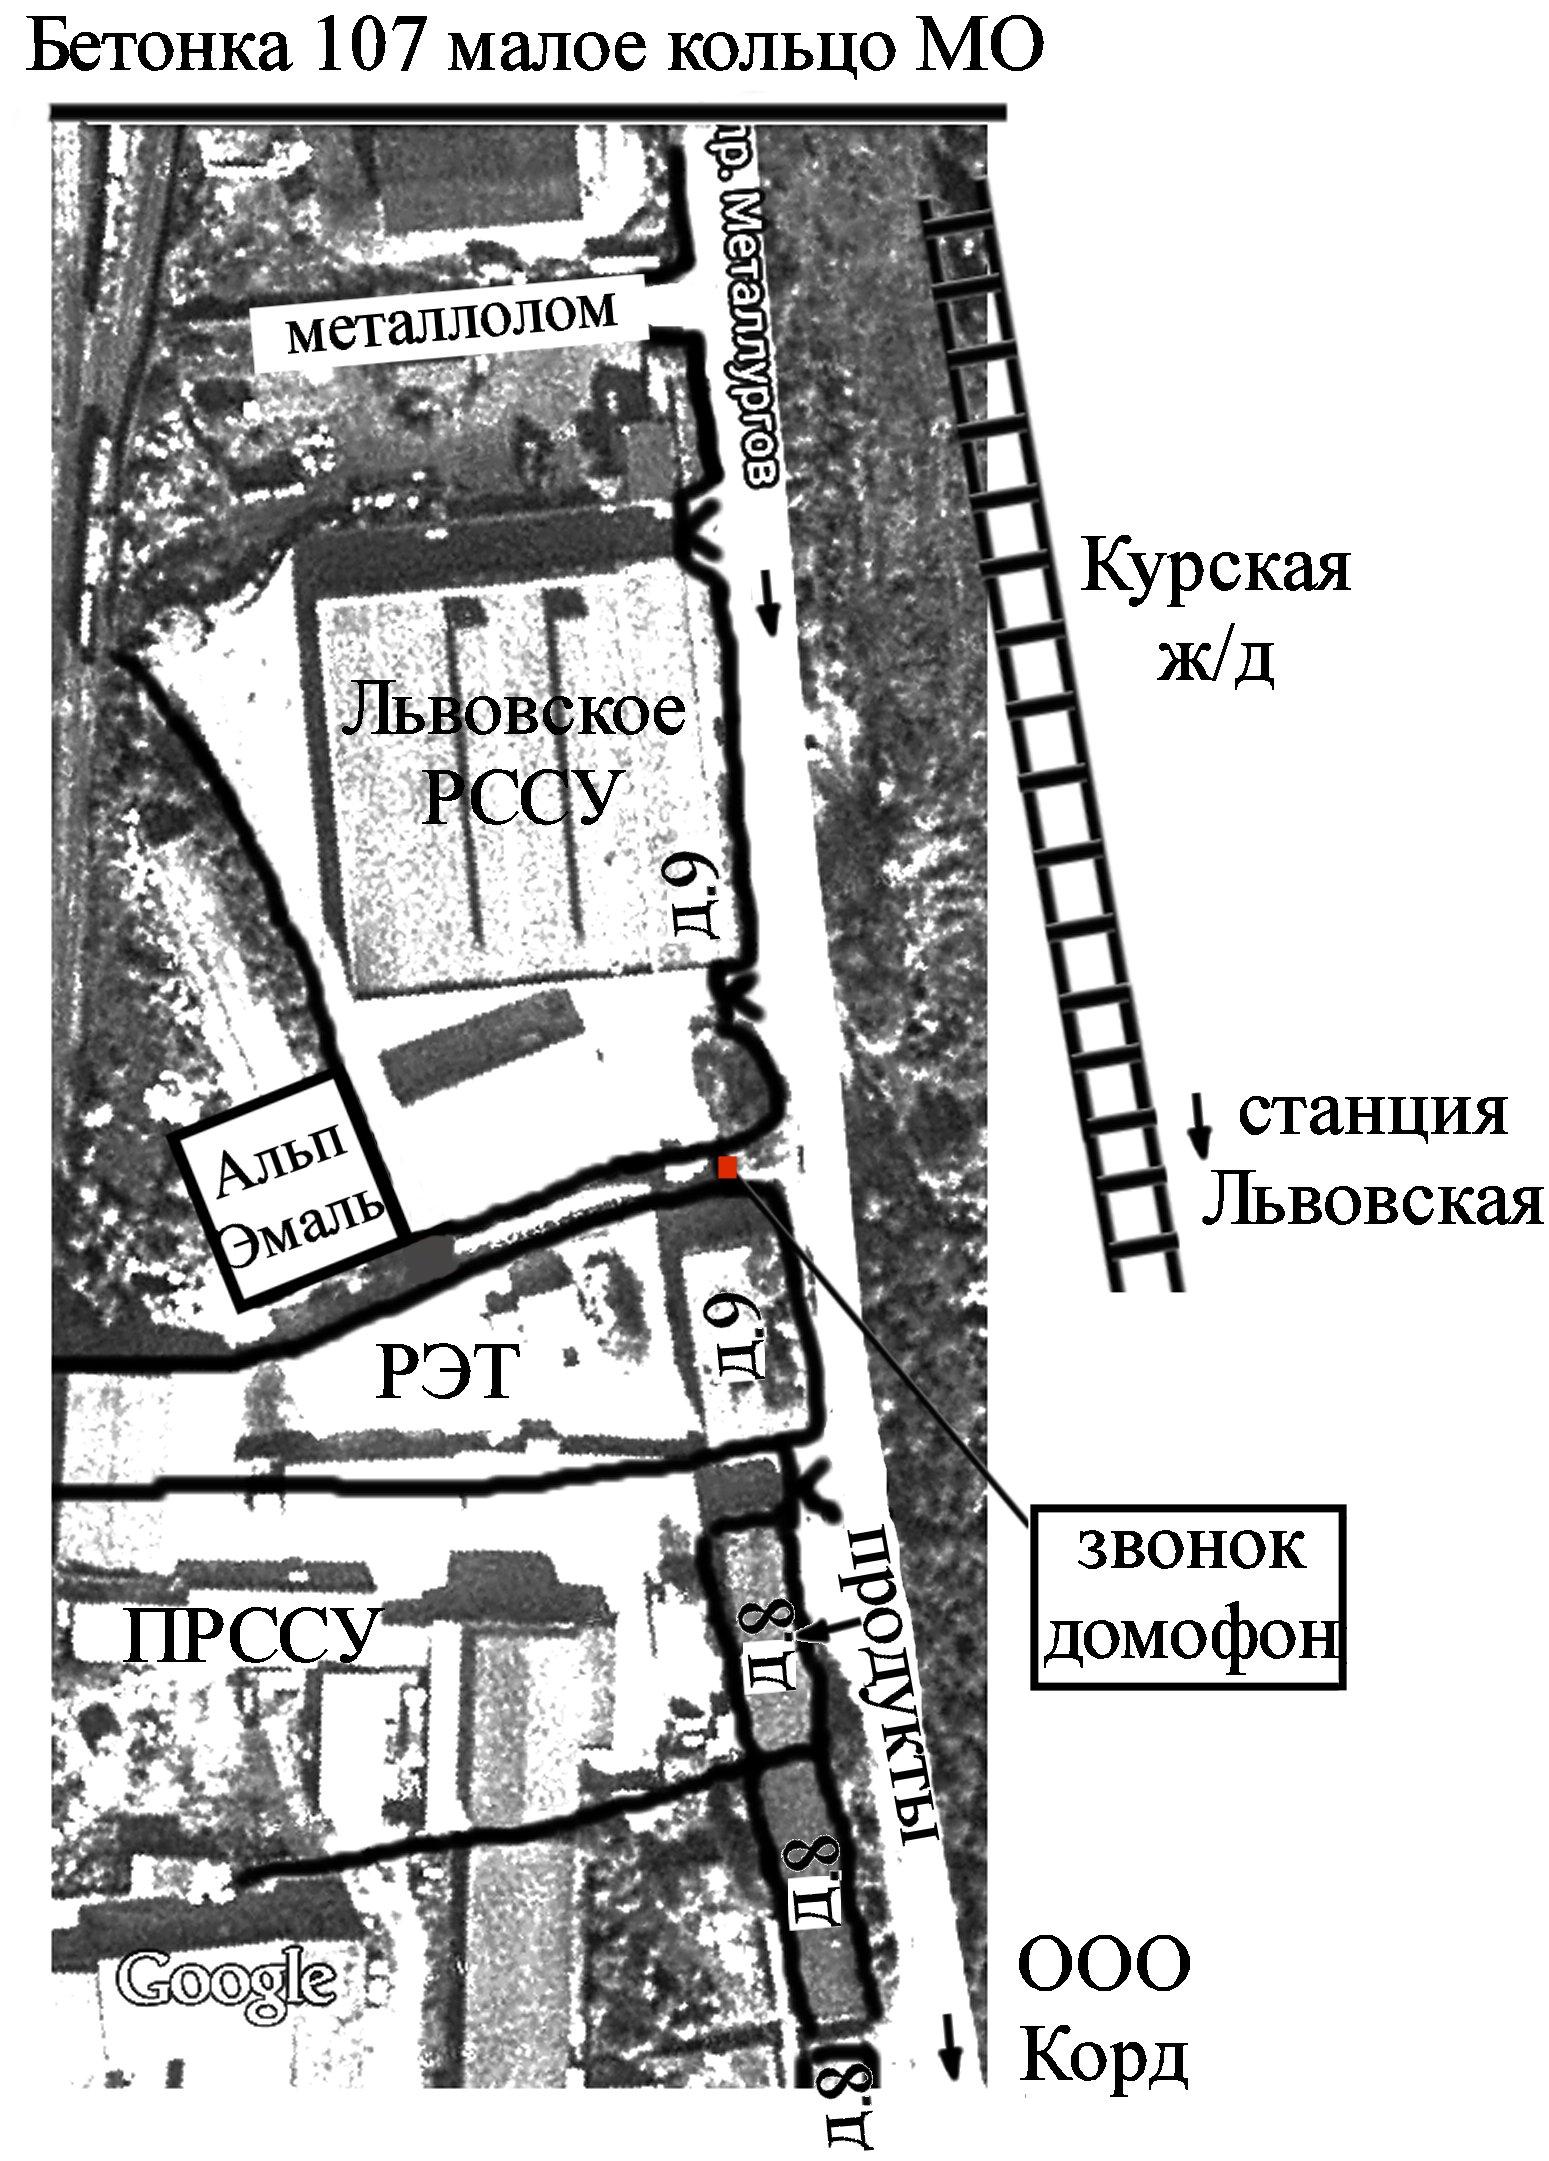 Схема проезда пгт Львовский, Альп Эмаль